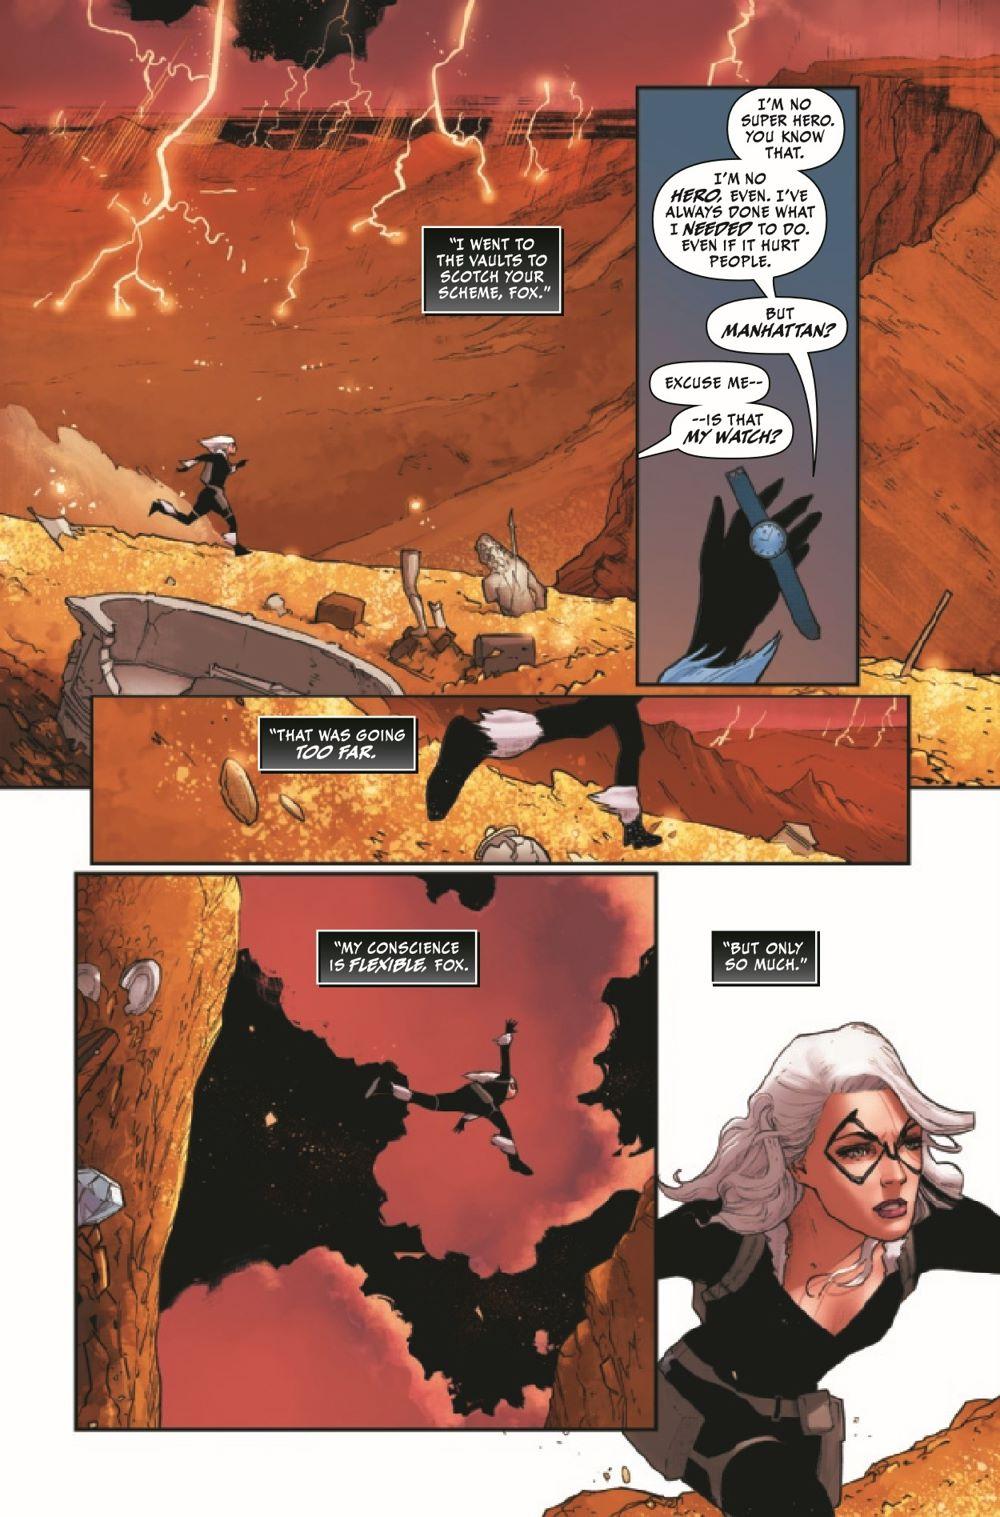 BLACKCAT2020007_Preview-3 ComicList Previews: BLACK CAT #7